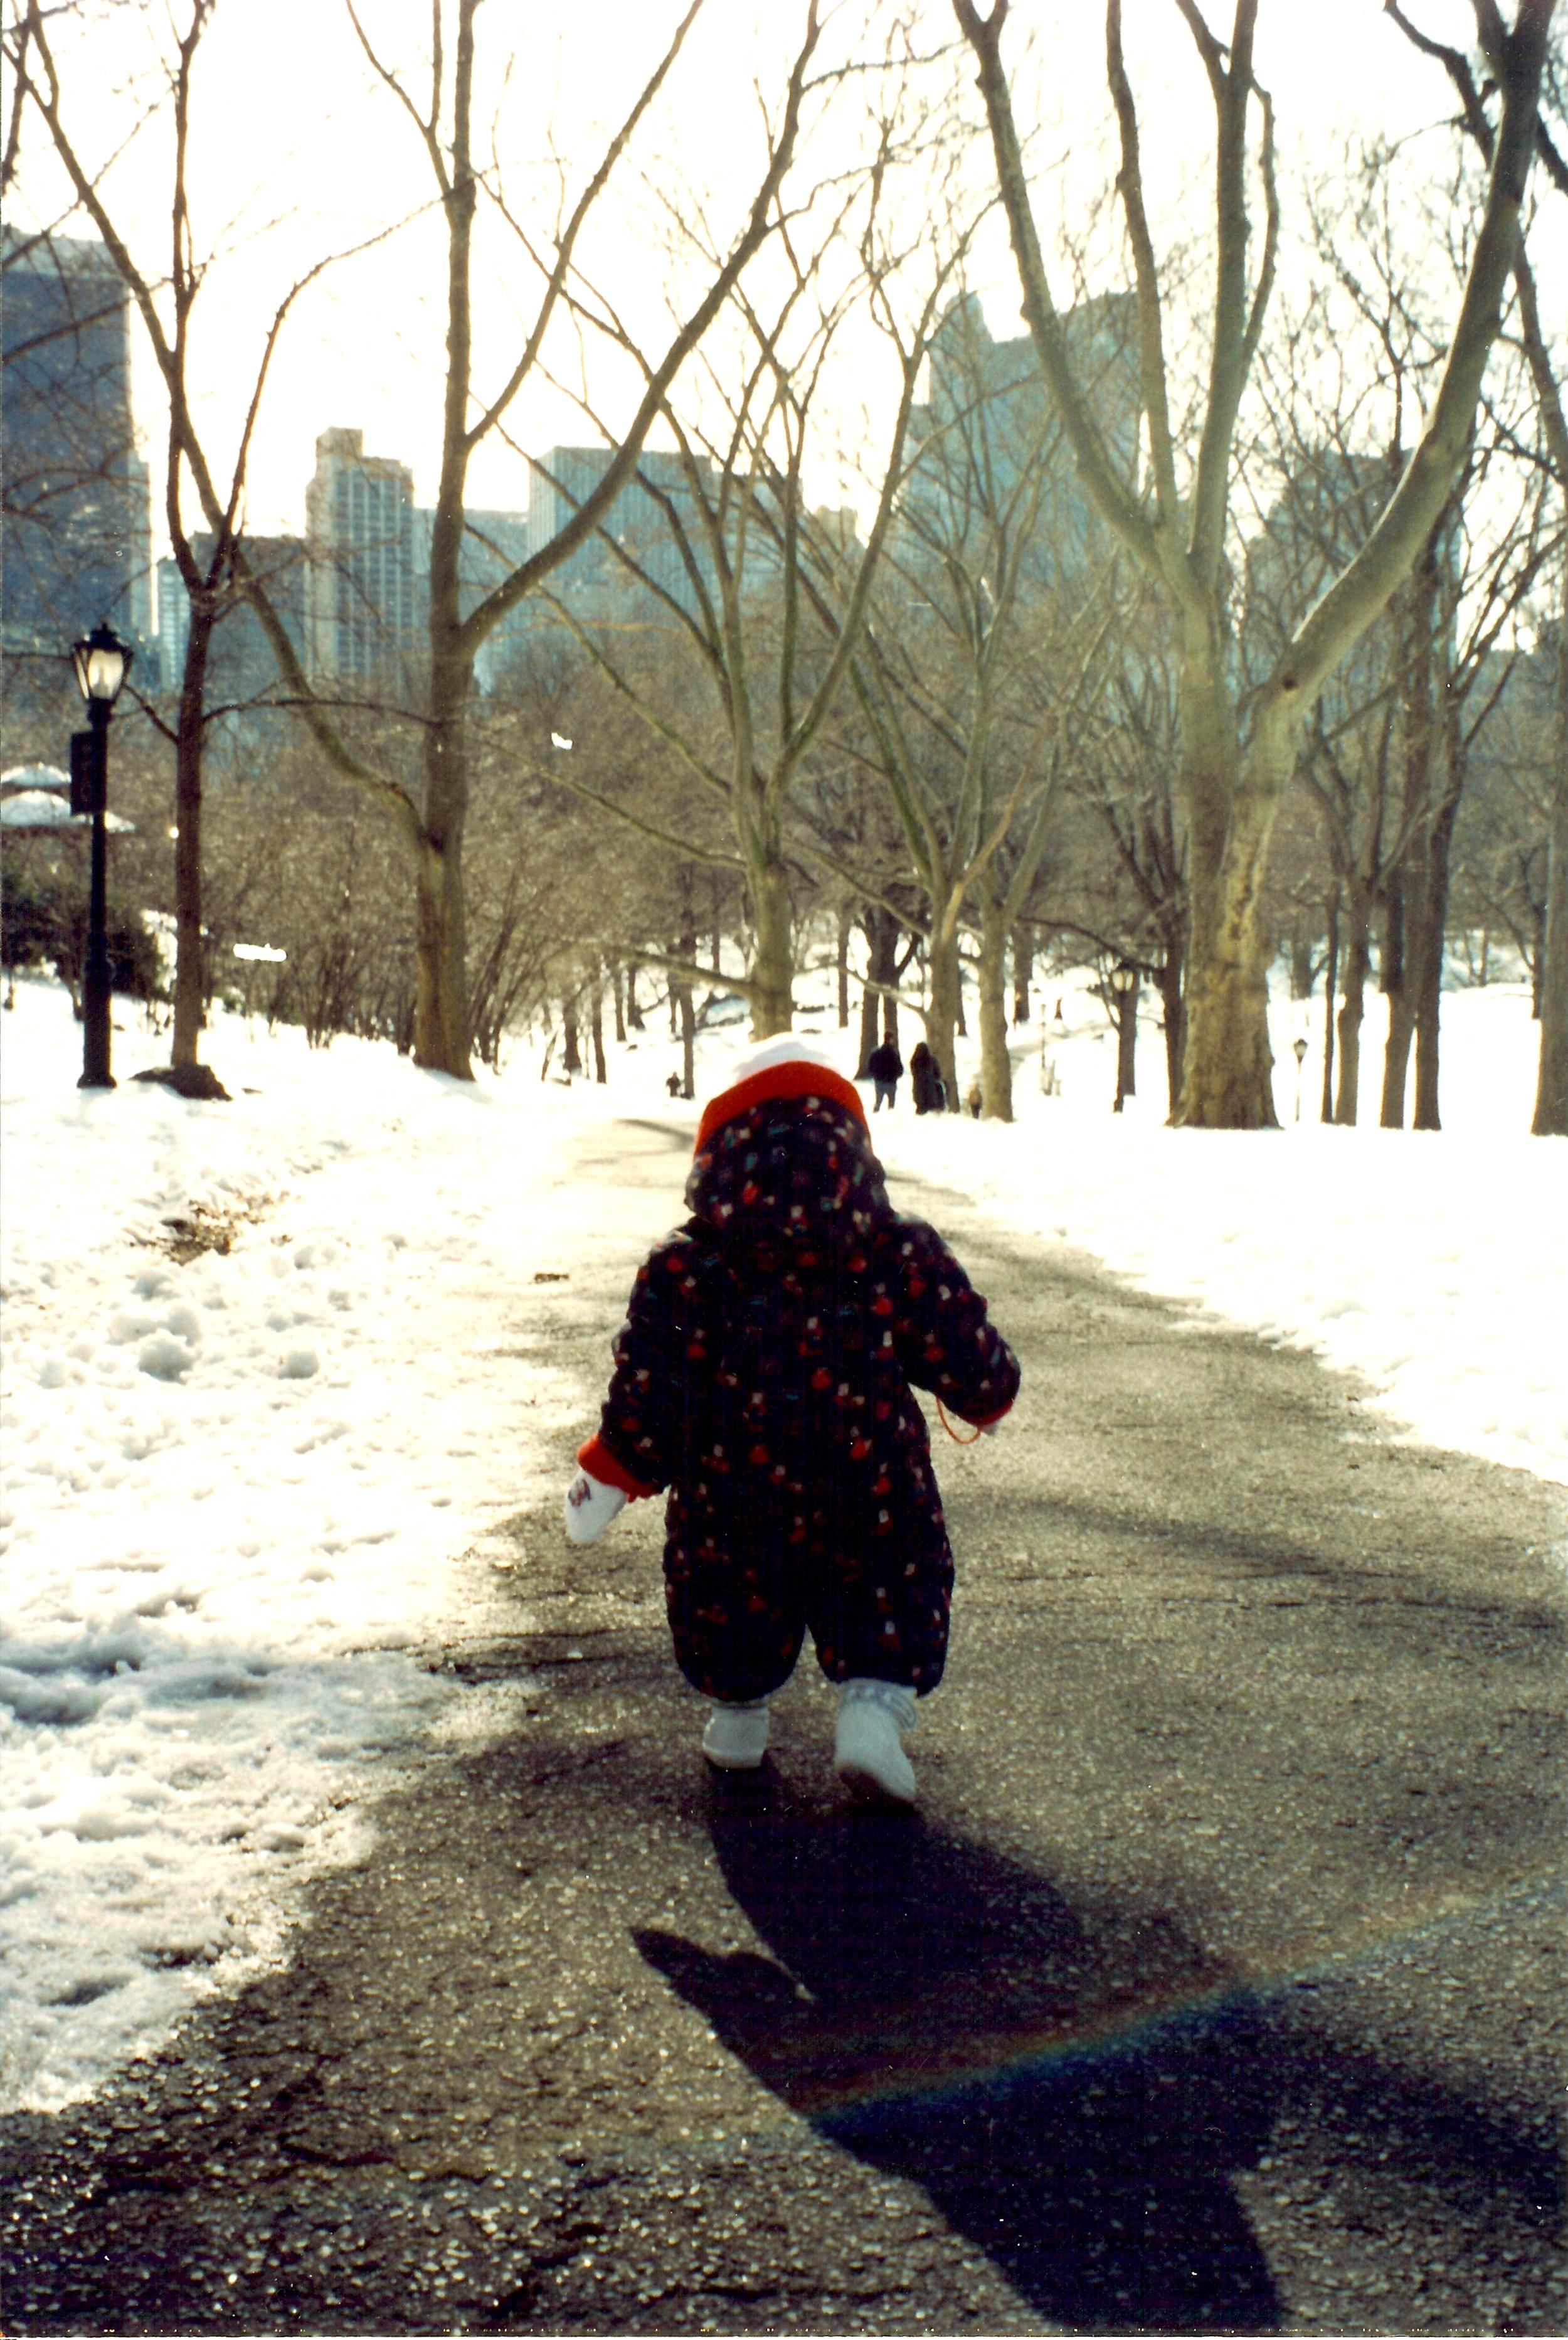 Michaela i New York.jpg